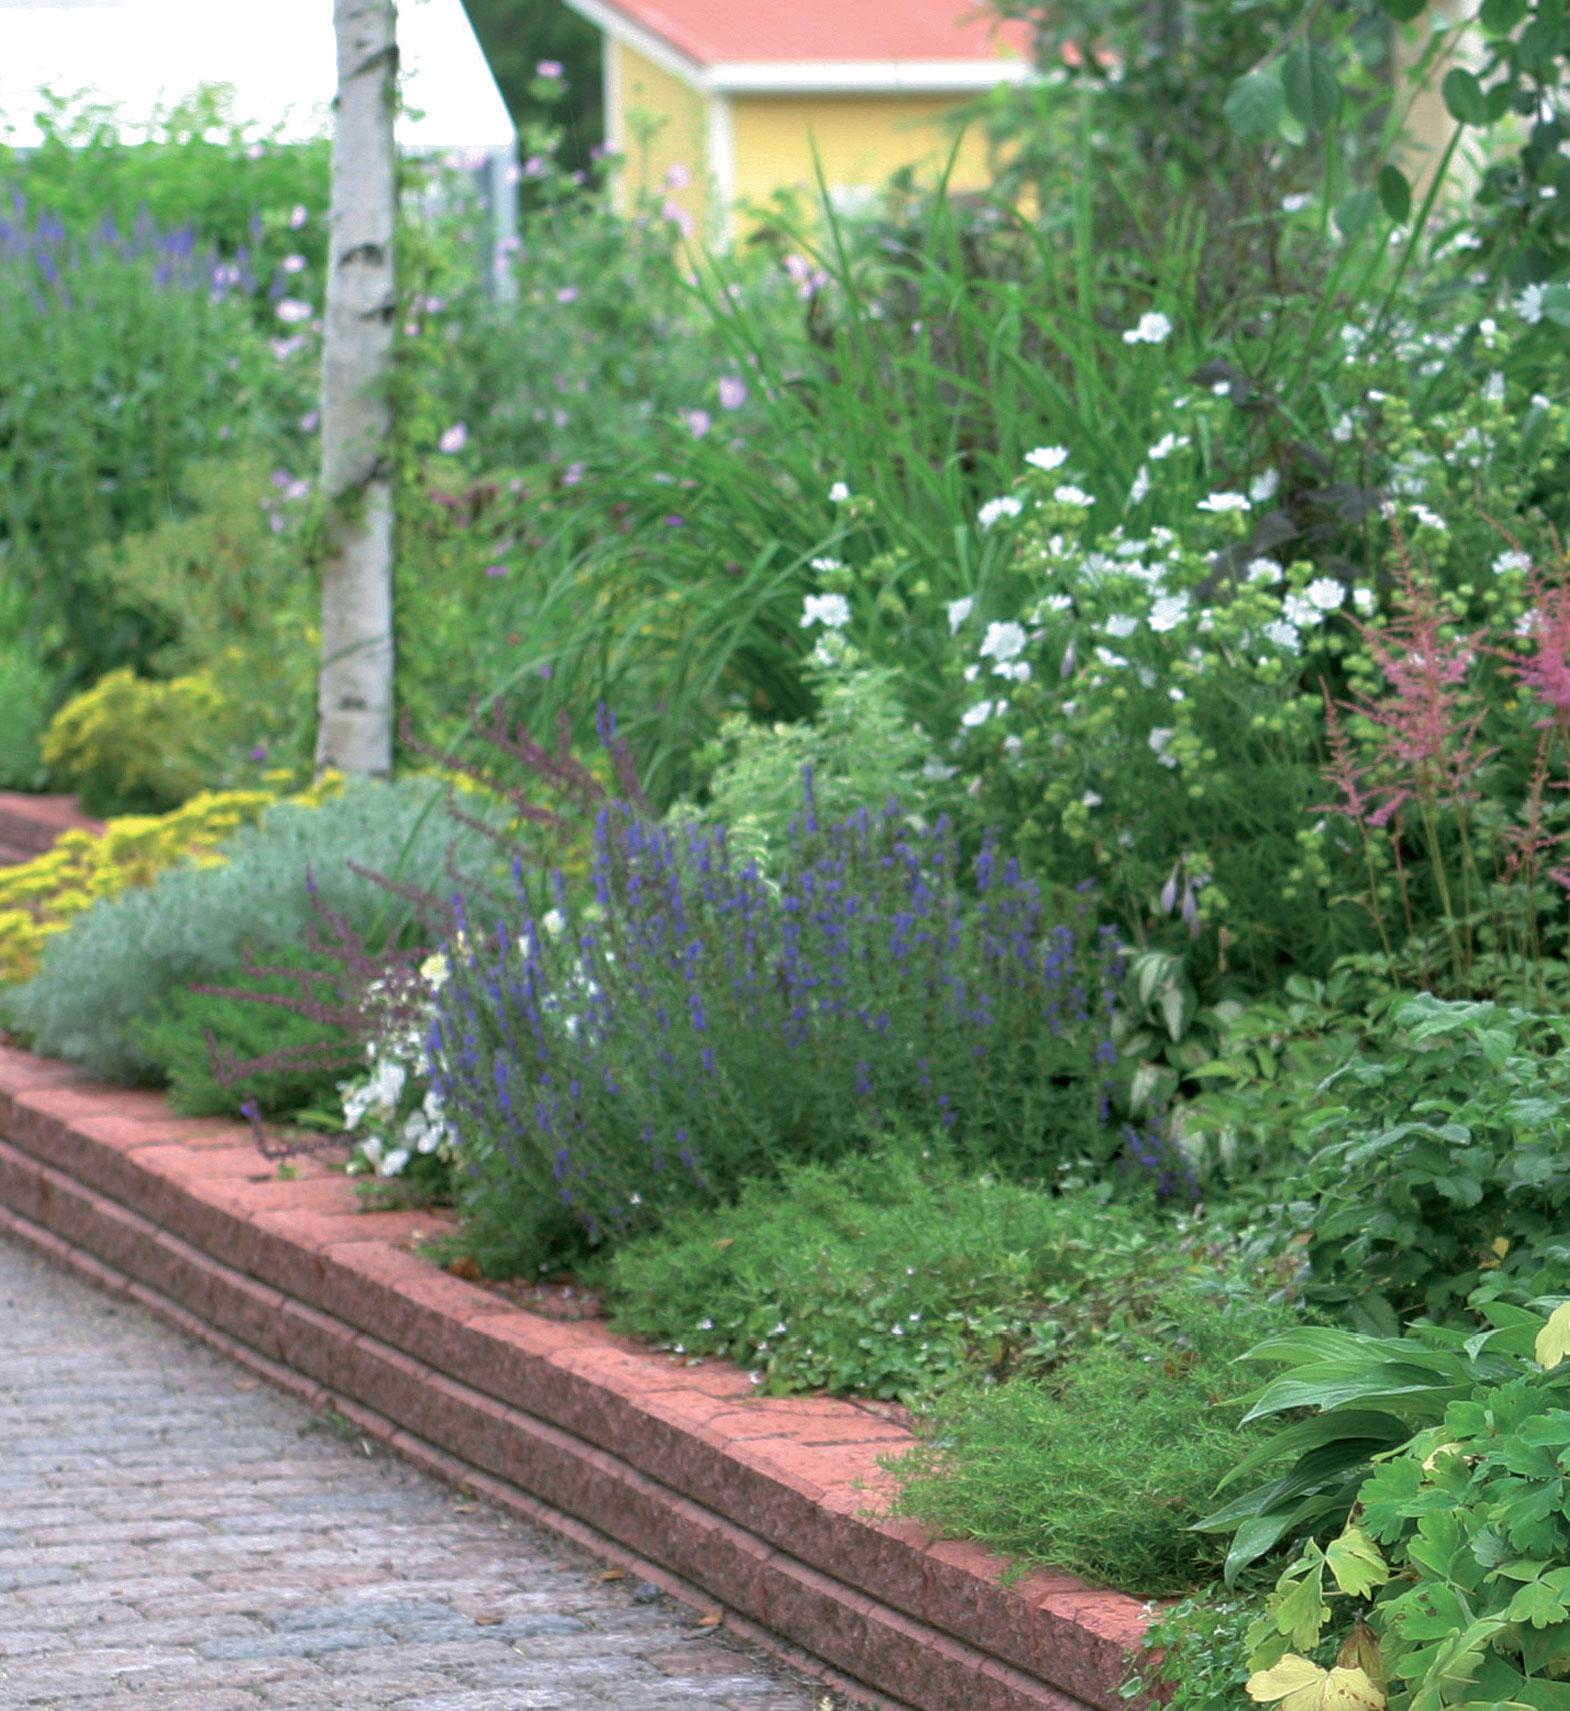 Kun pintamaat poistetaan, puutarhaan saa syvämultaisen, vain hieman ympäristöstään kohoavan kukkapenkin.